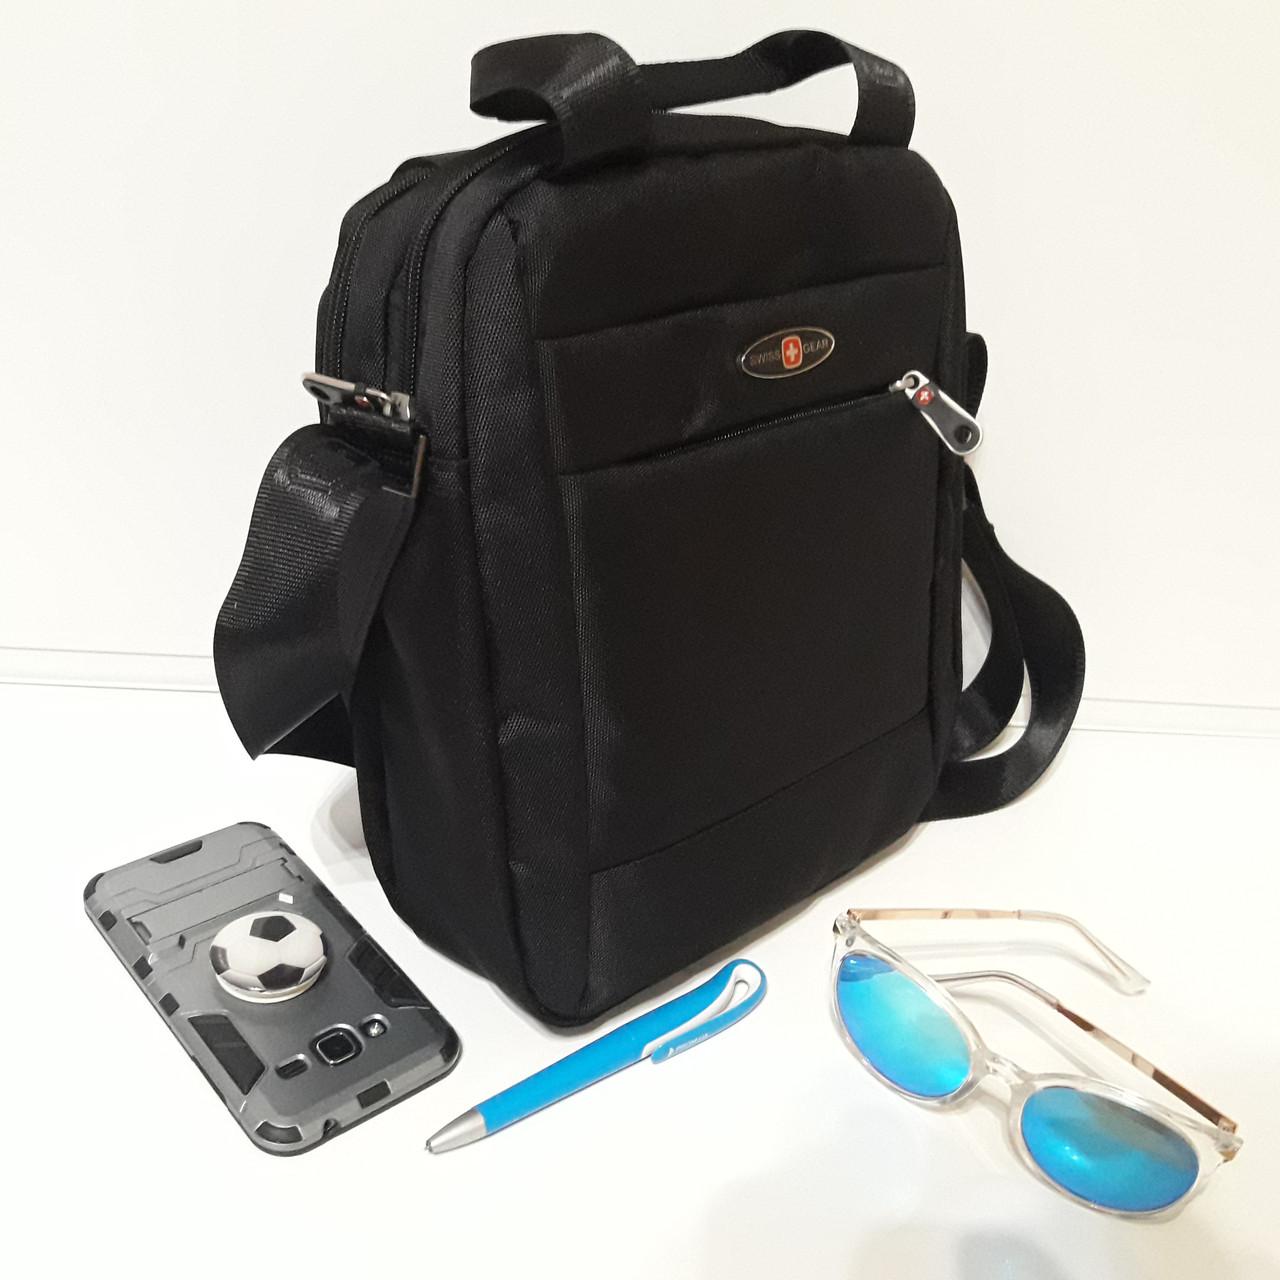 a03d94d19f0e Мужская сумка планшет Swissgear купить в магазине Klazar, Украина ...